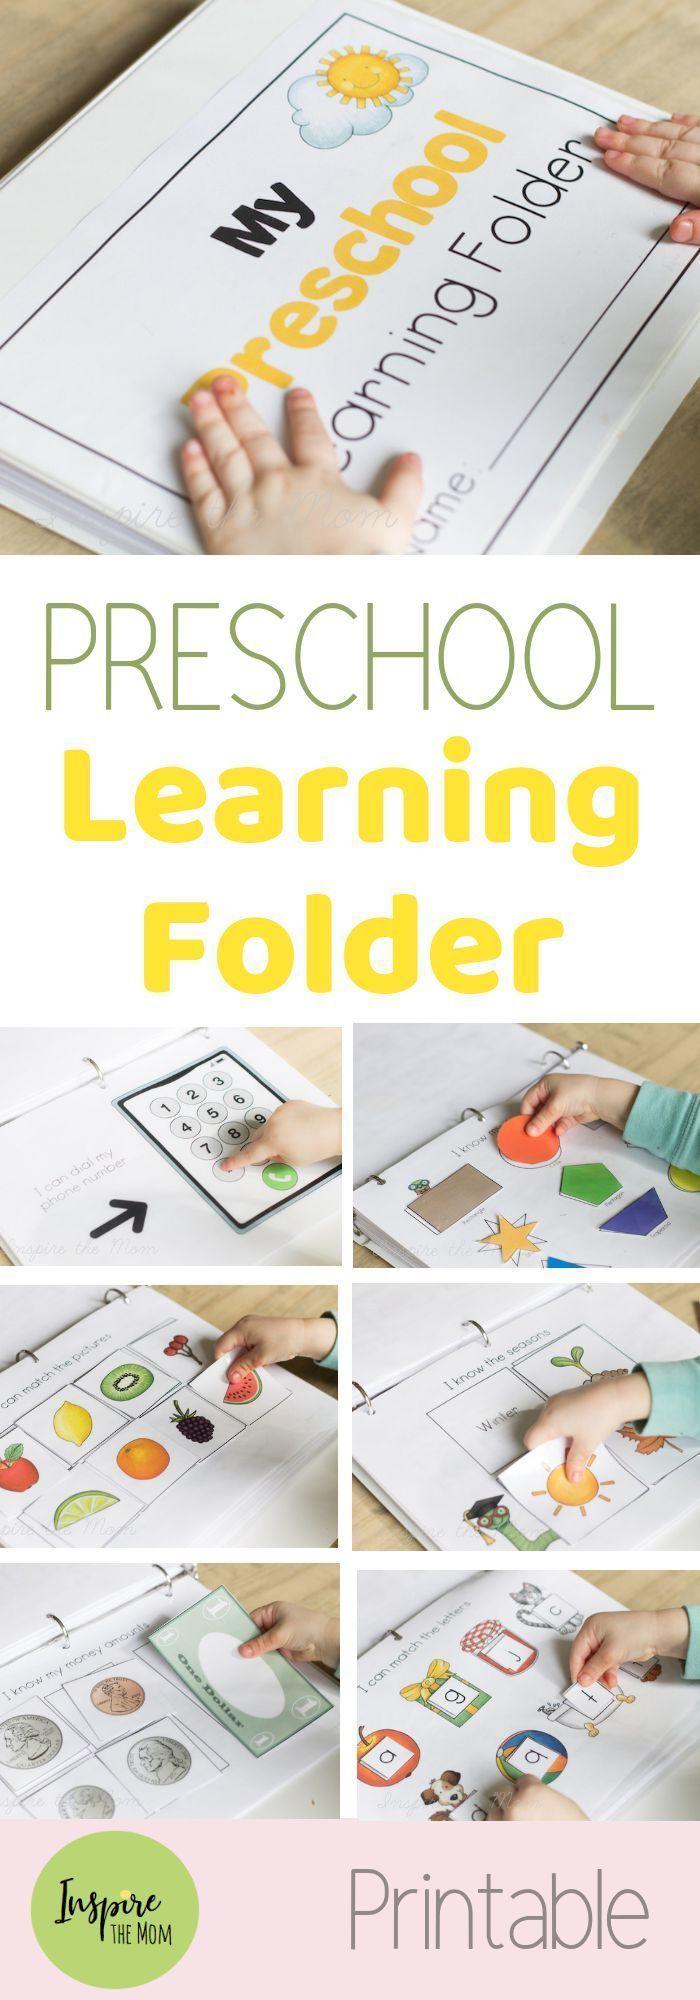 Updated Preschool Learning Folder -